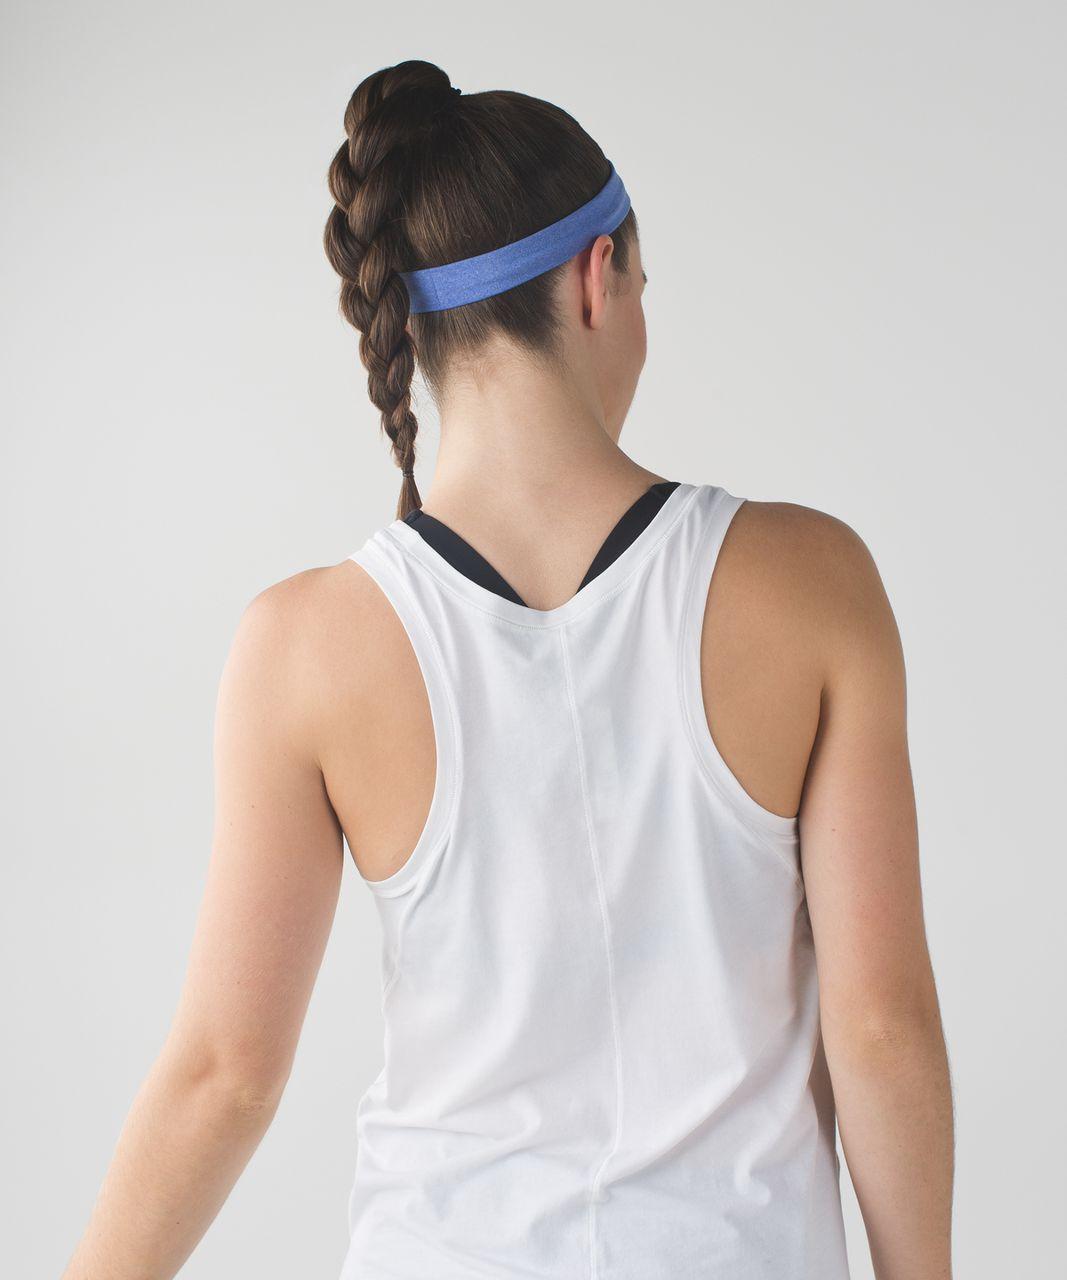 Lululemon Cardio Cross Trainer Headband - Heathered Harbor Blue